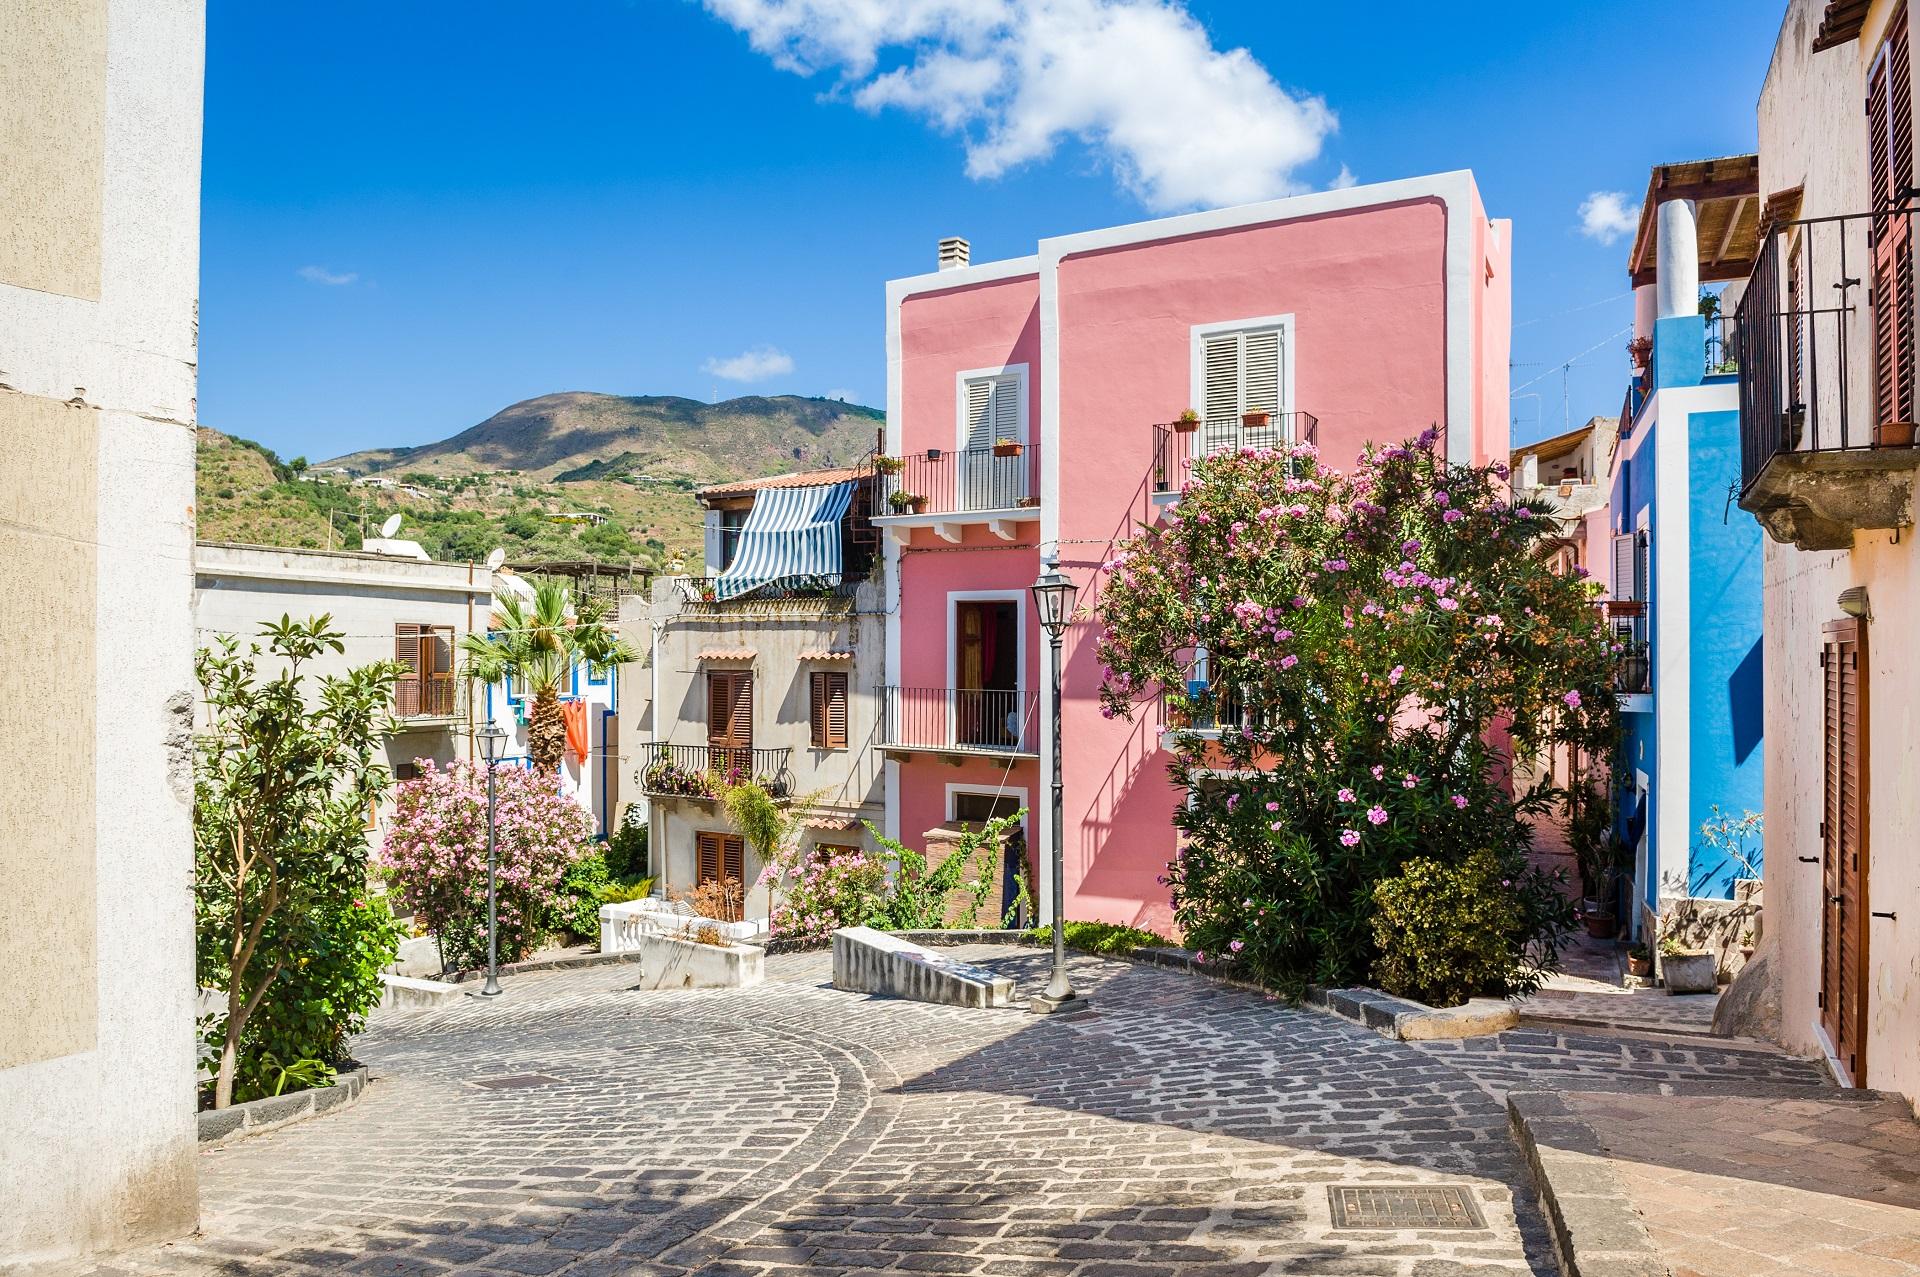 Die bunten Häuser in der Innenstadt von Lipari sind ein echter Hingucker.